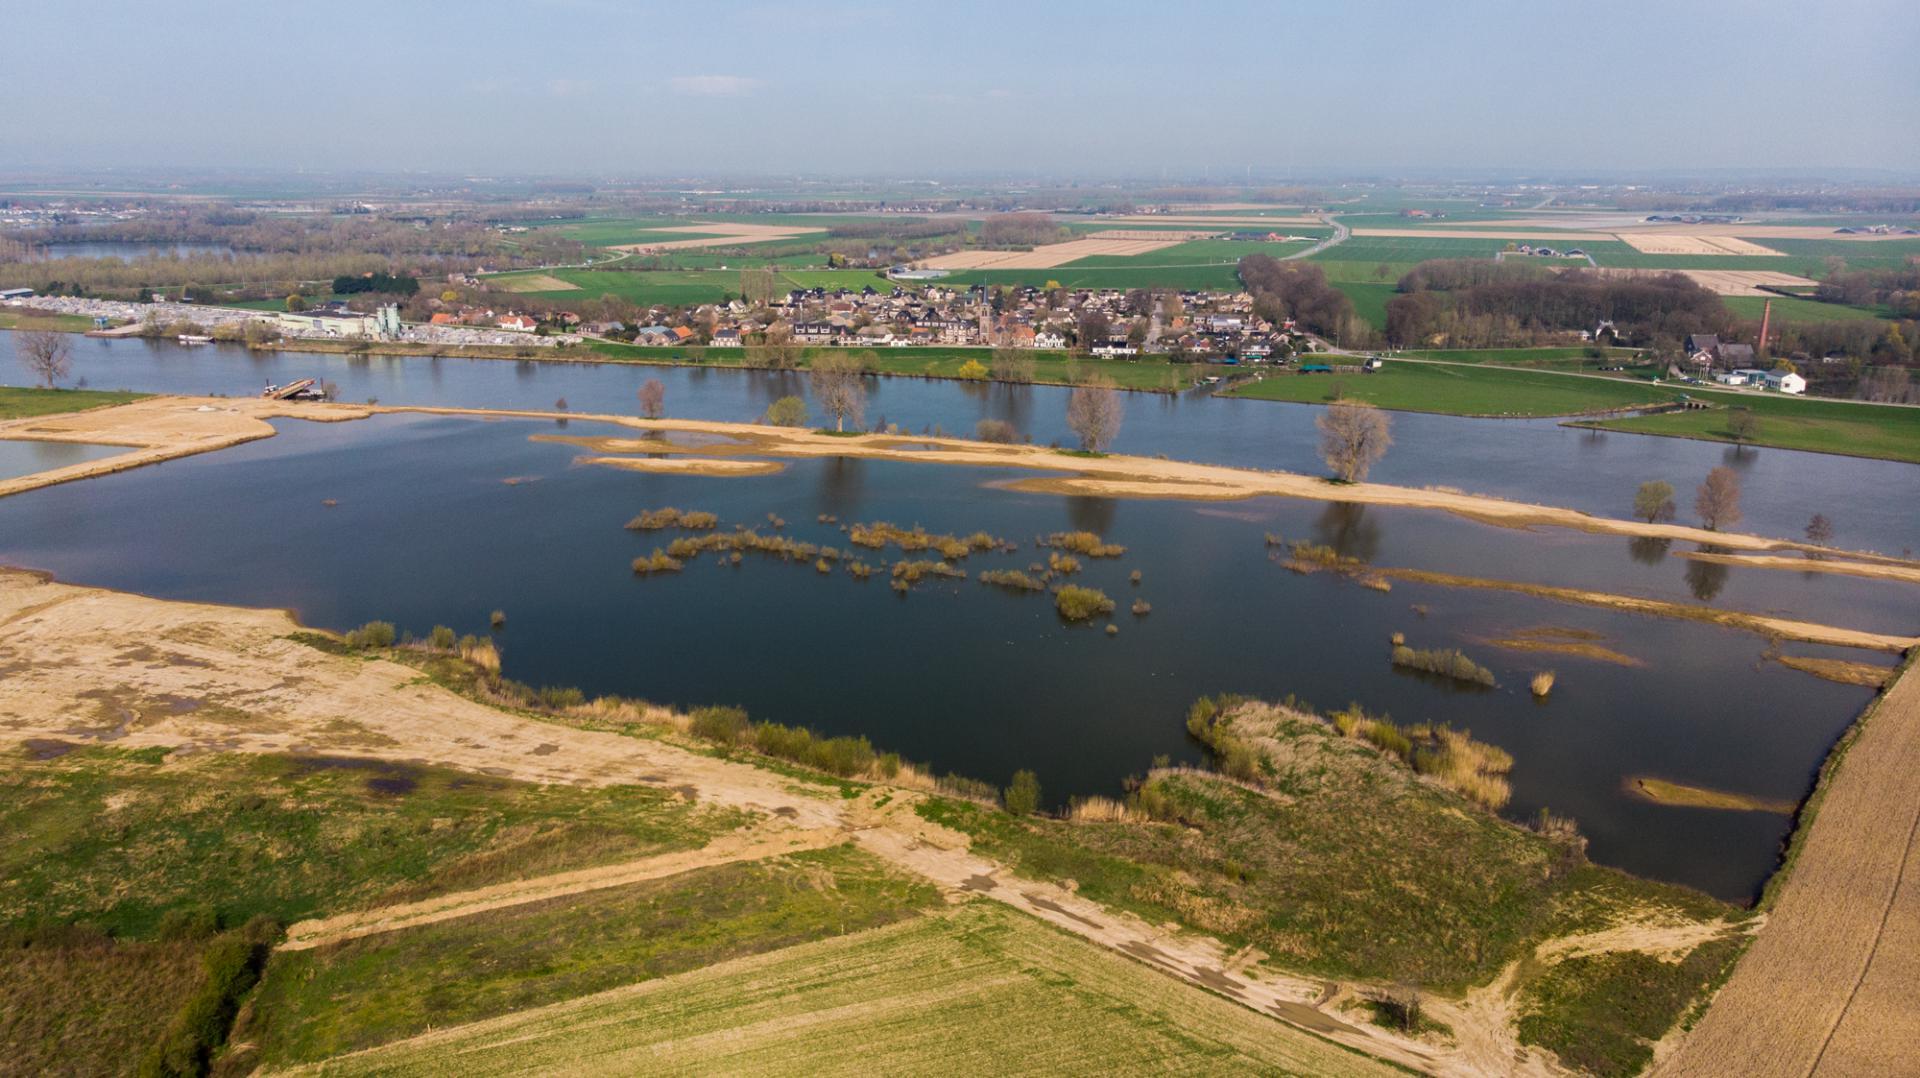 Camping De Maasakker Kampeerplaats Megen, Noord-Brabant